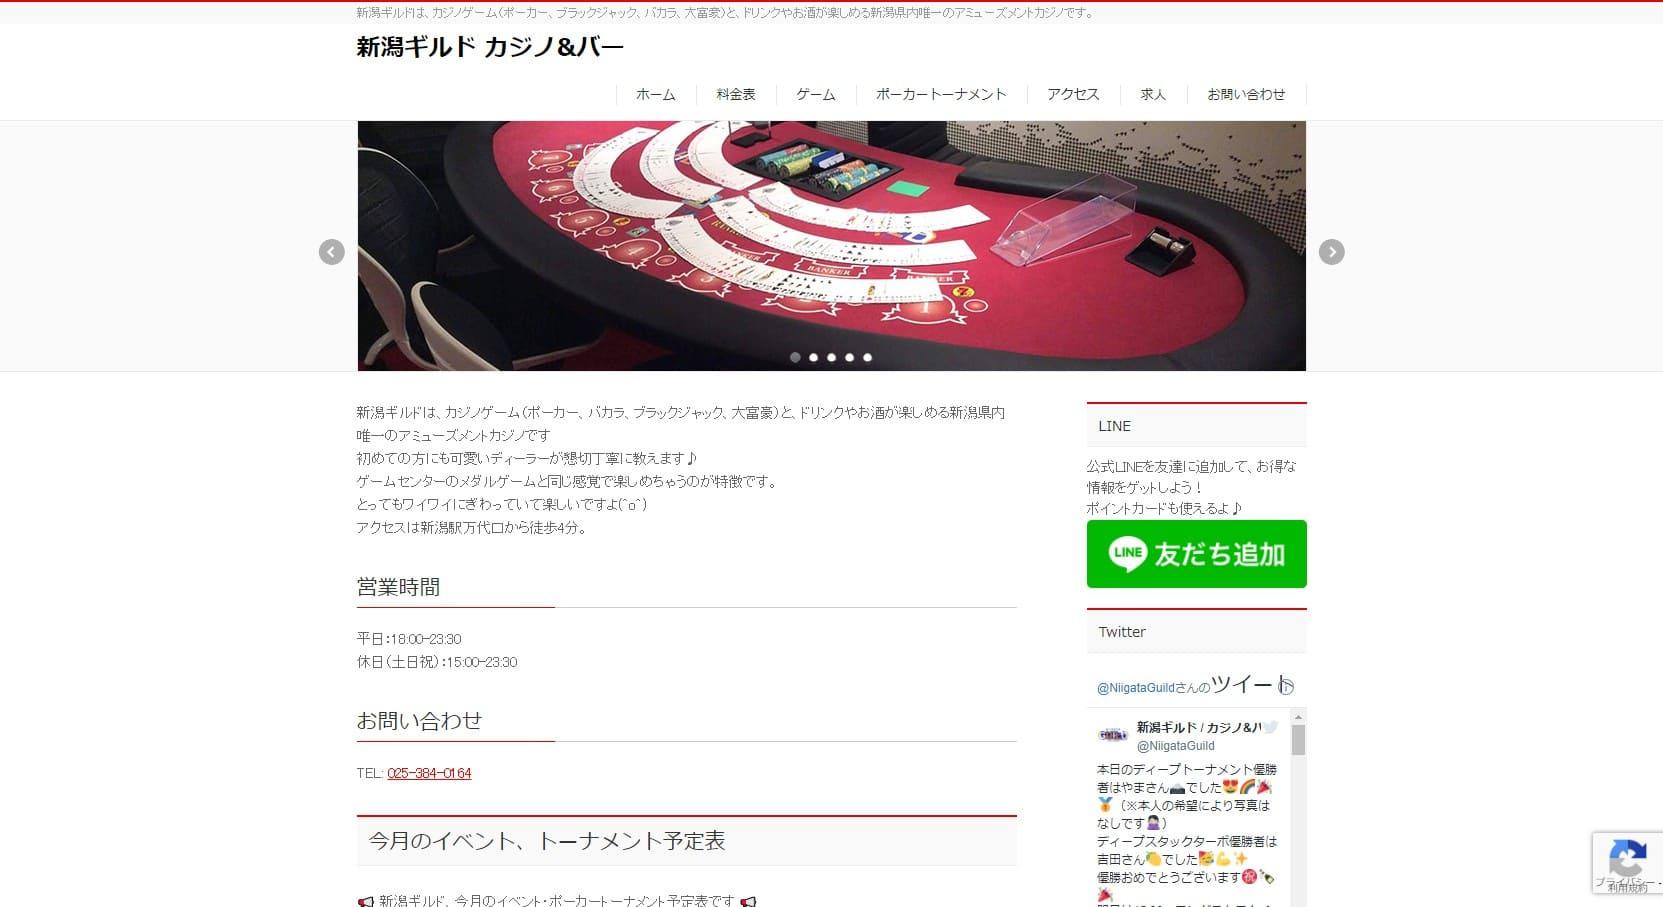 新潟ギルドのウェブサイト画像。